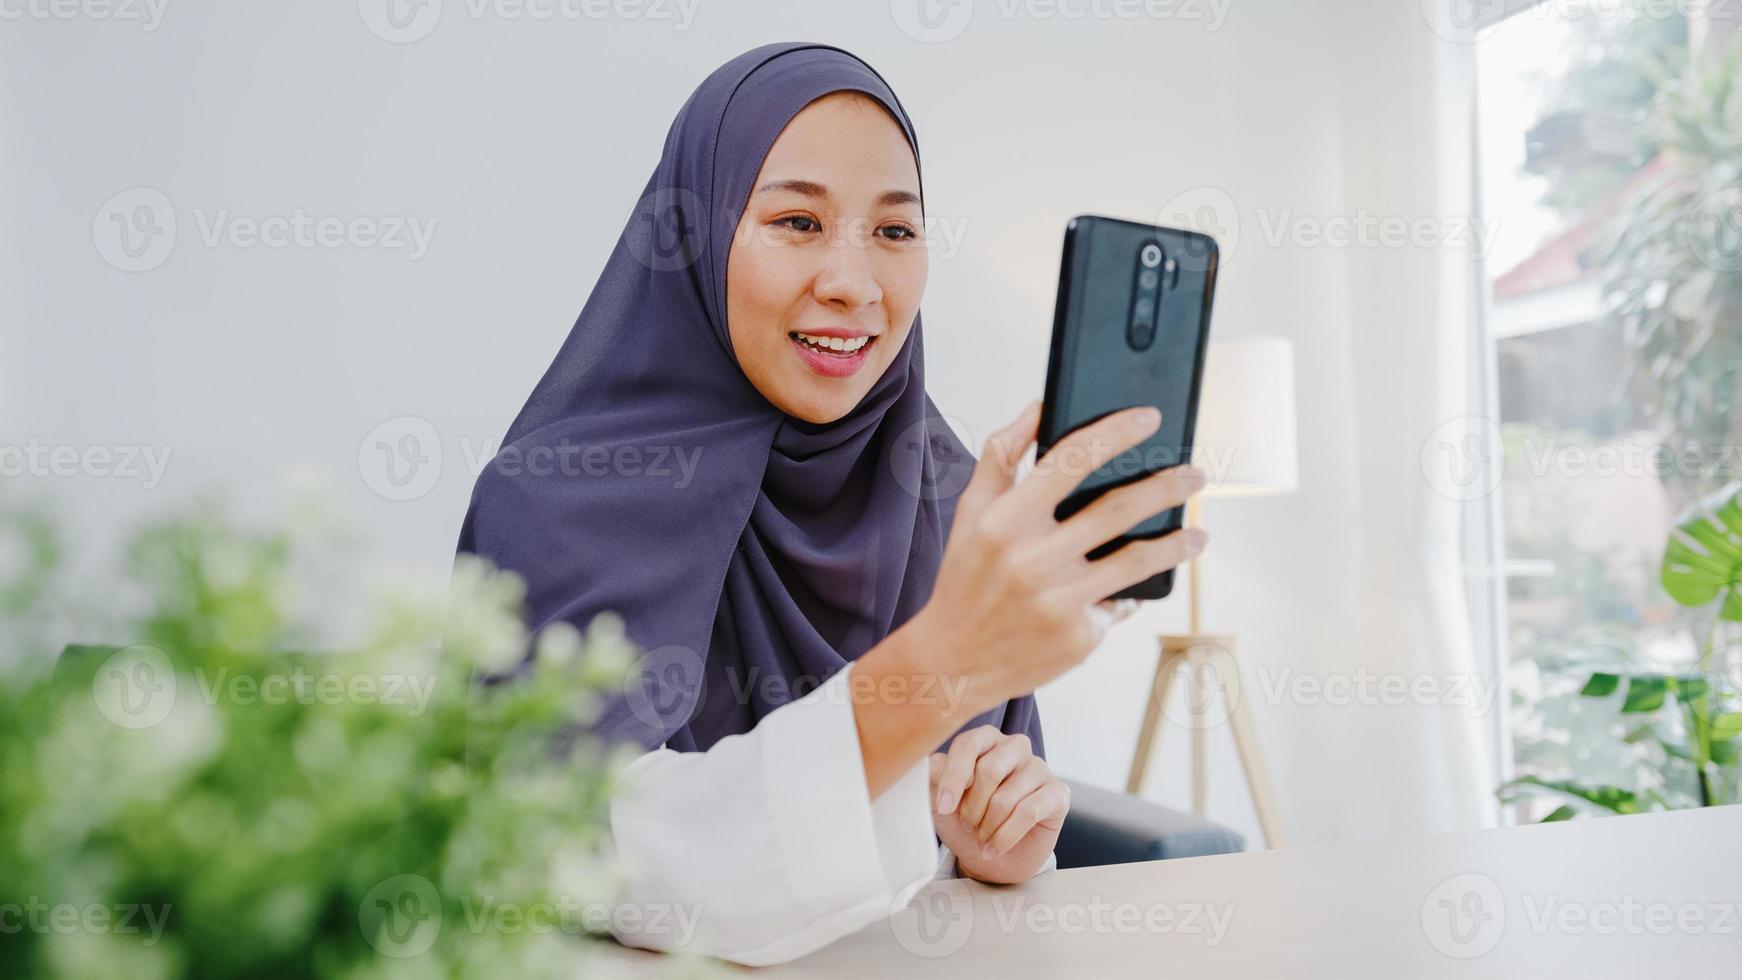 jovem empresária muçulmana asiática usando telefone inteligente, conversa com um amigo por videochat, brainstorm, reunião on-line, enquanto trabalha remotamente em casa na sala de estar. distanciamento social, quarentena para o vírus corona. foto